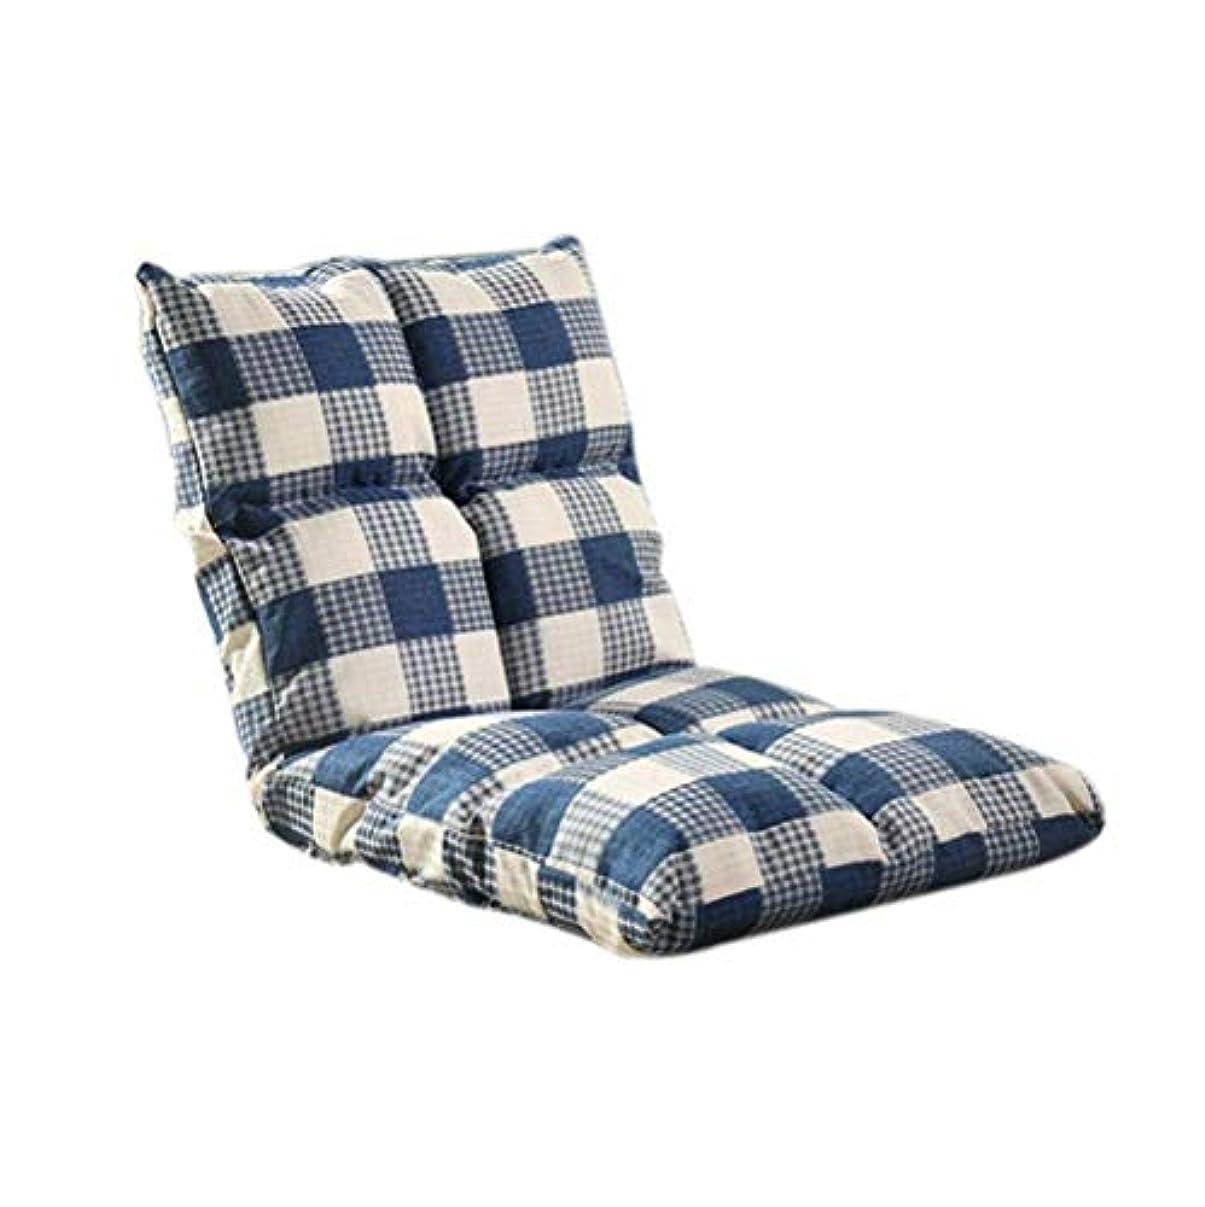 付添人誘うドラゴン瞑想椅子、折りたたみ椅子、調節可能な椅子、畳シングルチェア、背もたれ付きのベッドルームベイウィンドウ日本の椅子、怠zyなソファゲームチェア (Color : 濃紺)